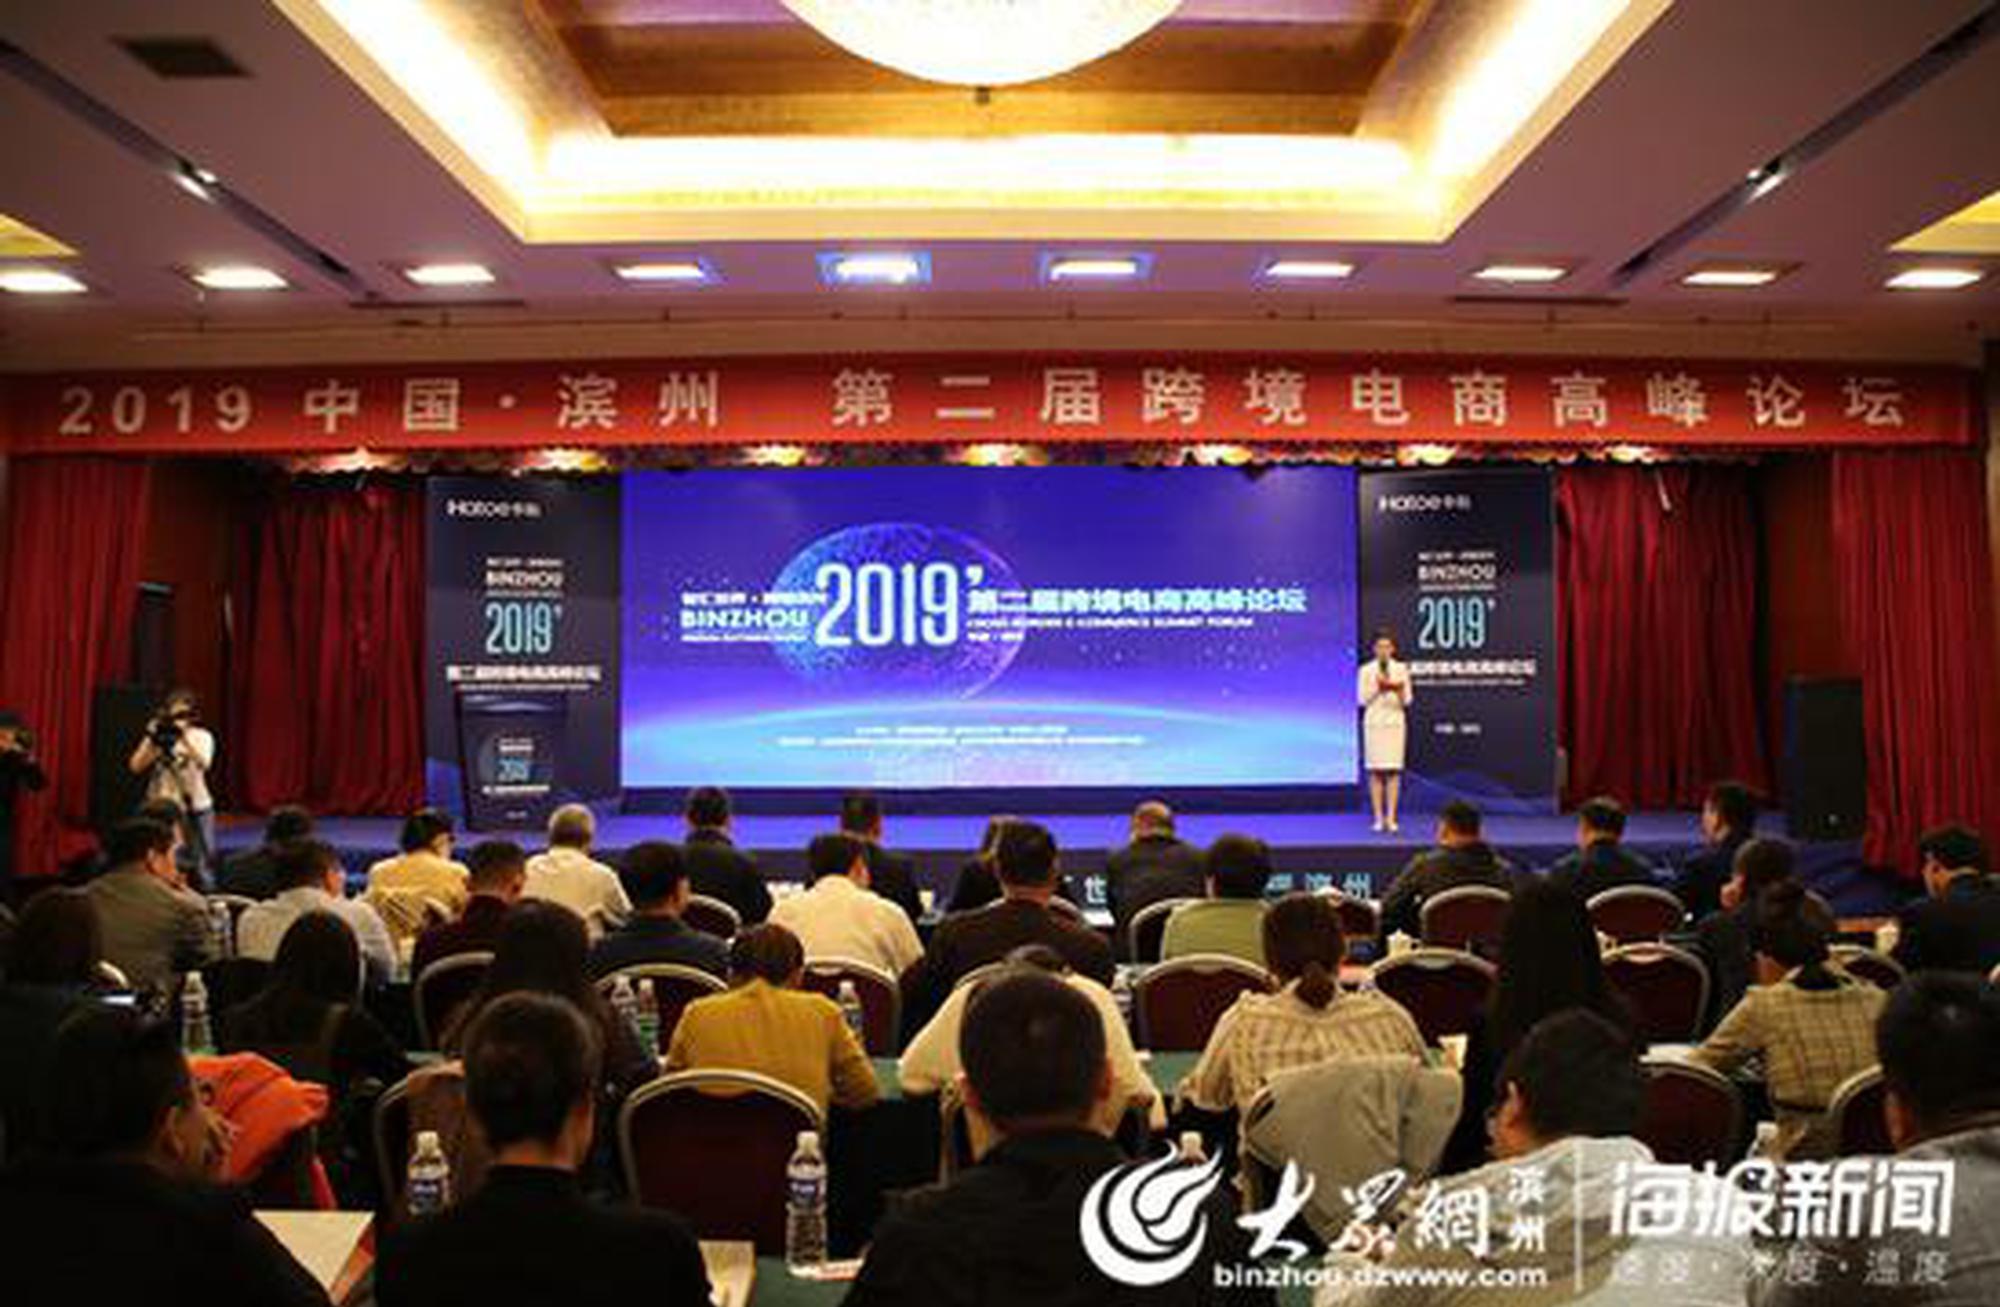 中国滨州跨境电商高峰论坛成功举办